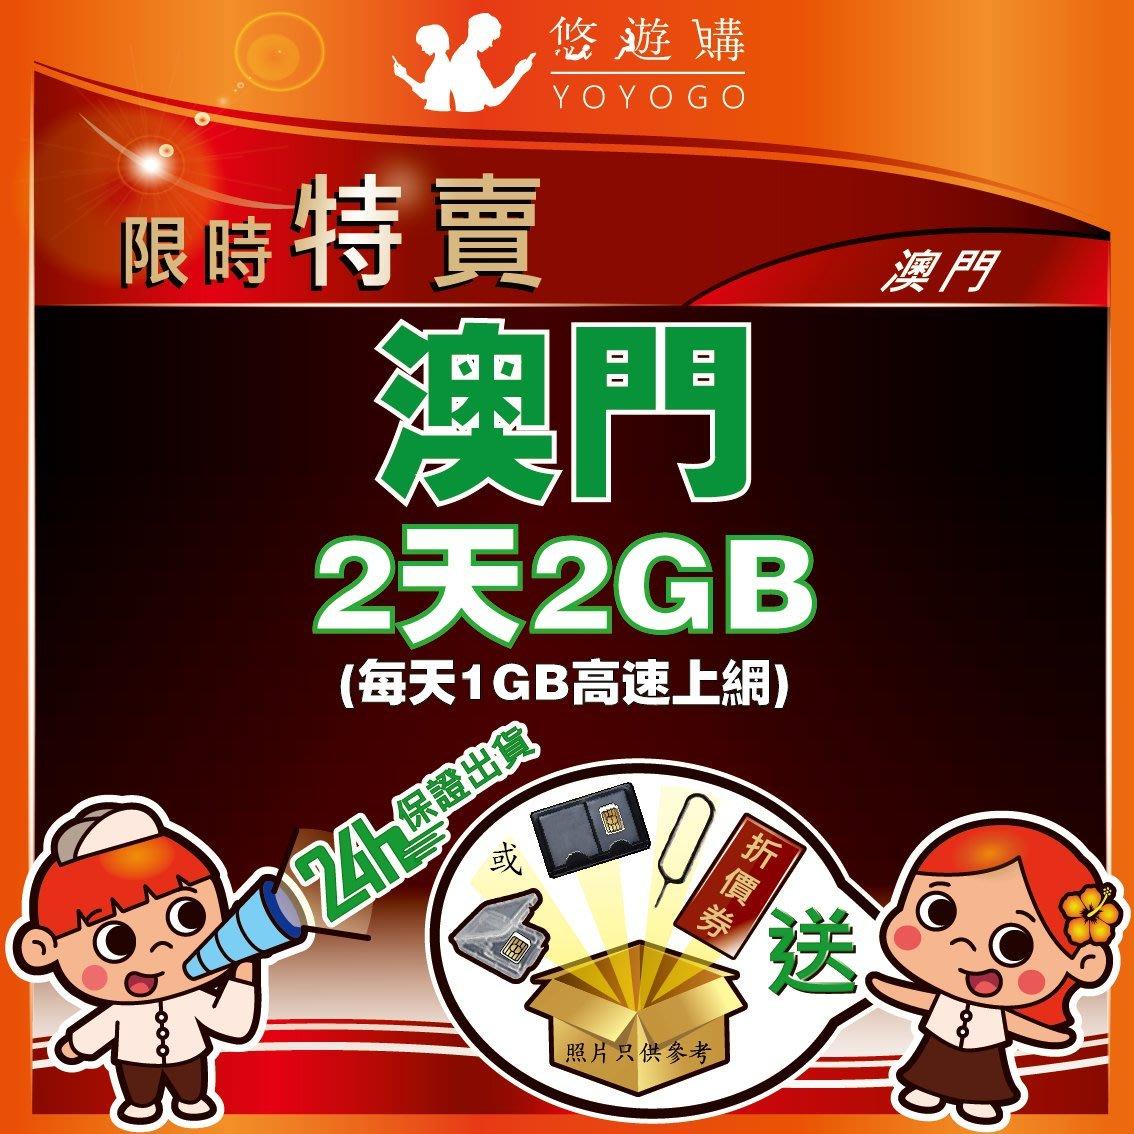 限時特價 悠遊購 澳門 2天2GB 每天1GB 高速上網 降速 吃到飽 上網卡  網卡 每天重置流量【Y0708】